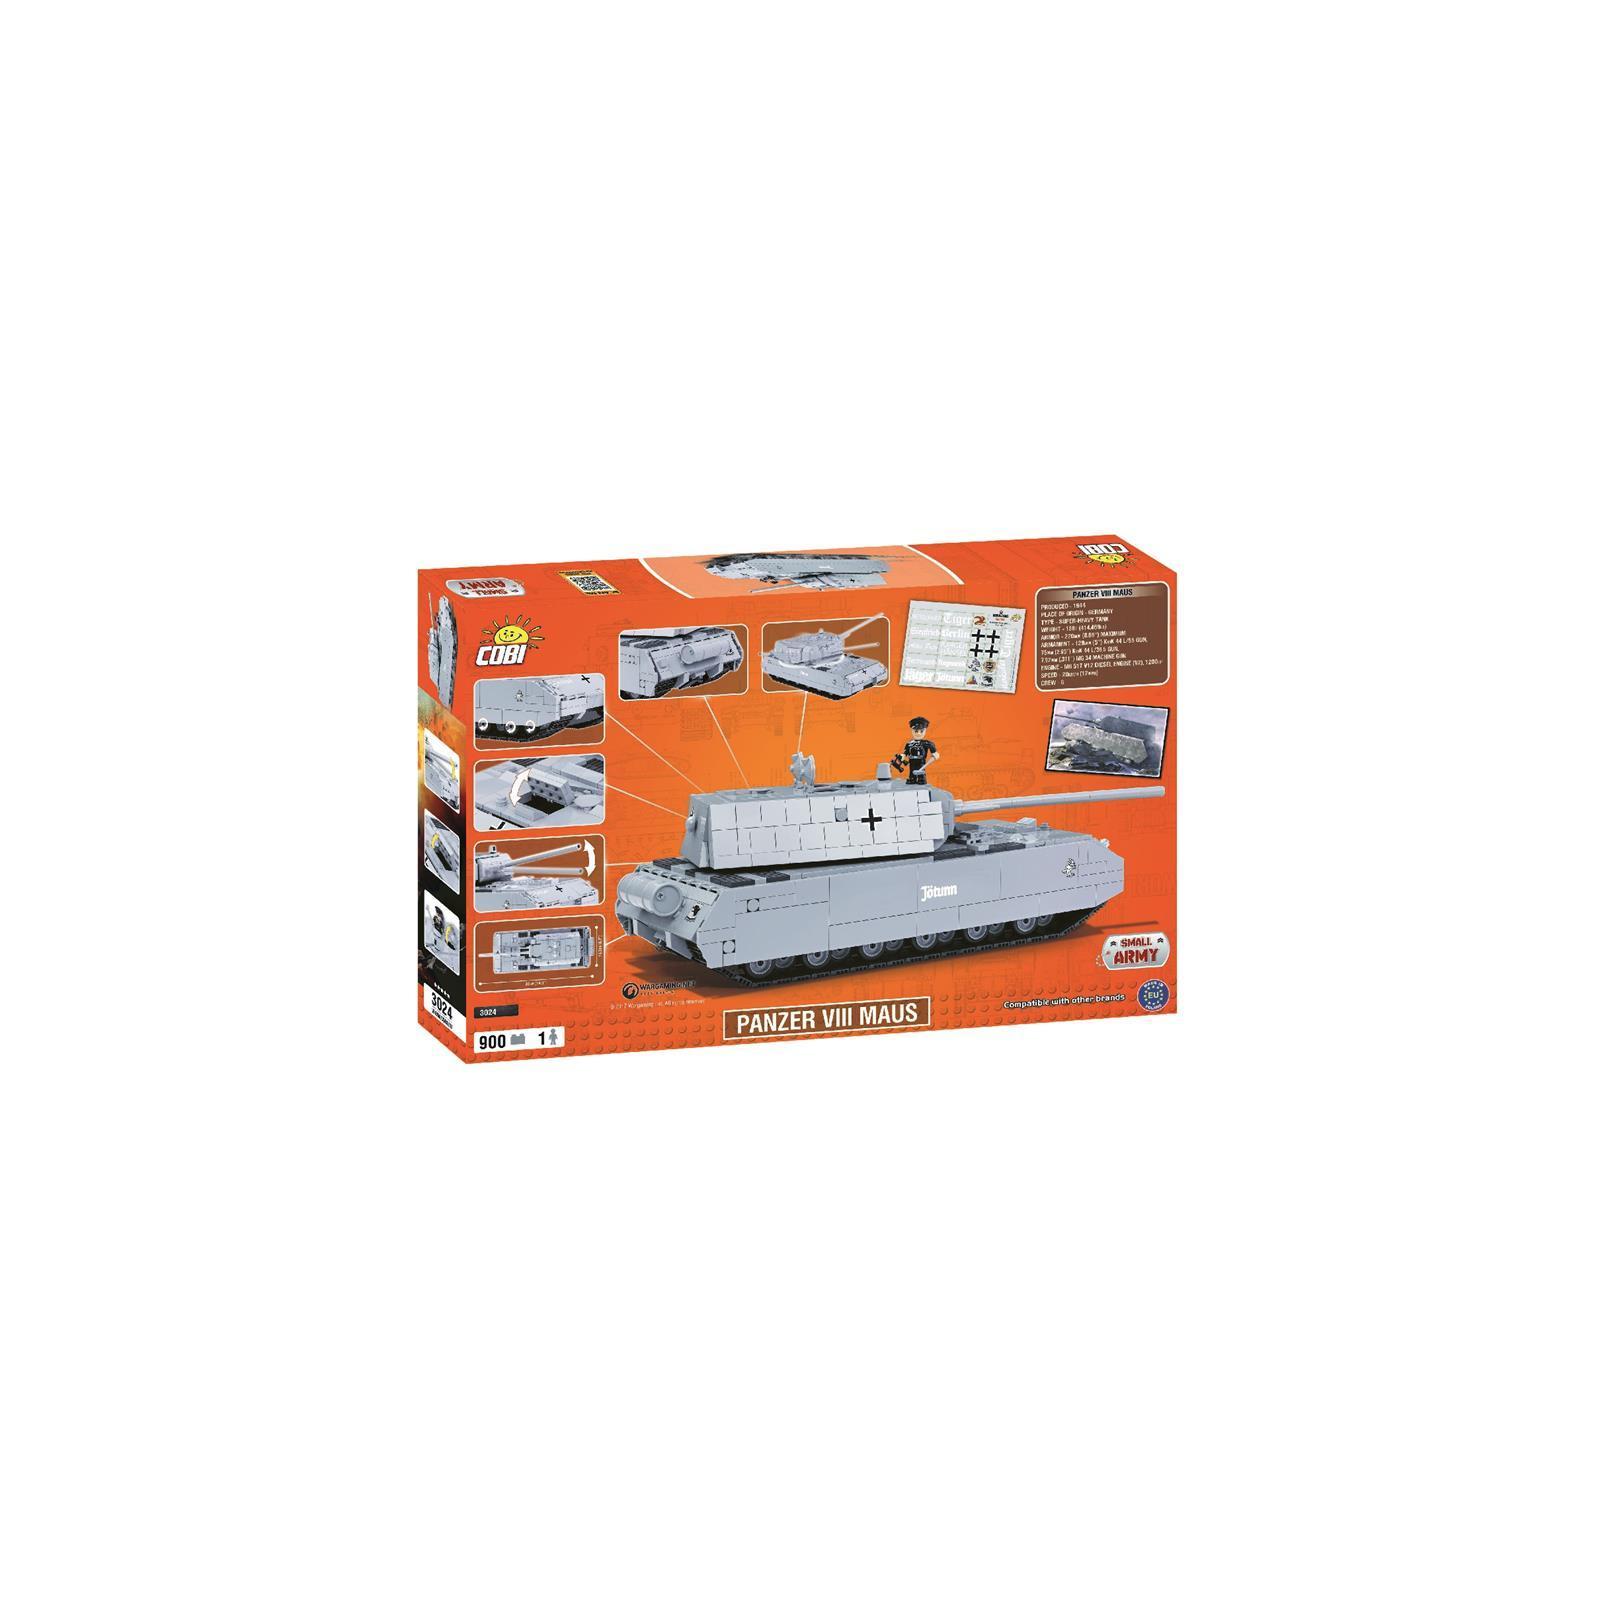 Конструктор Cobi World Of Tanks Maus, 900 деталей (COBI-3024) изображение 8